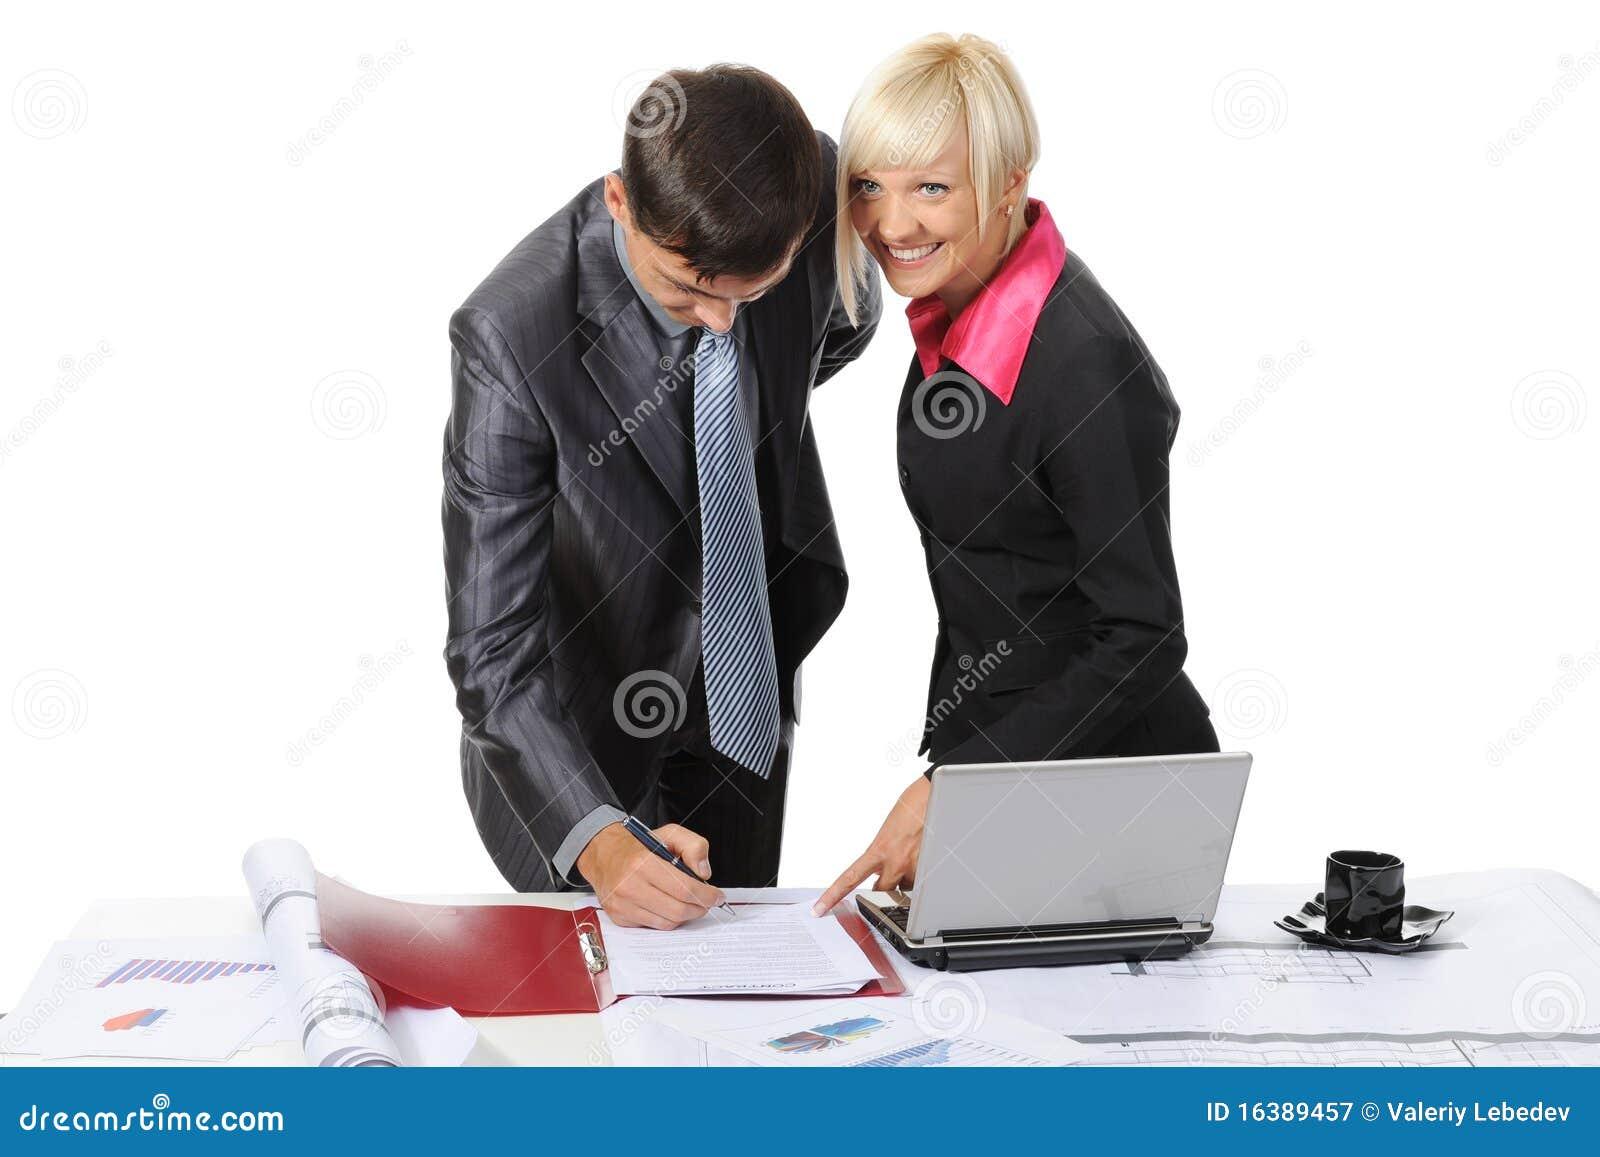 文件合作伙伴签字